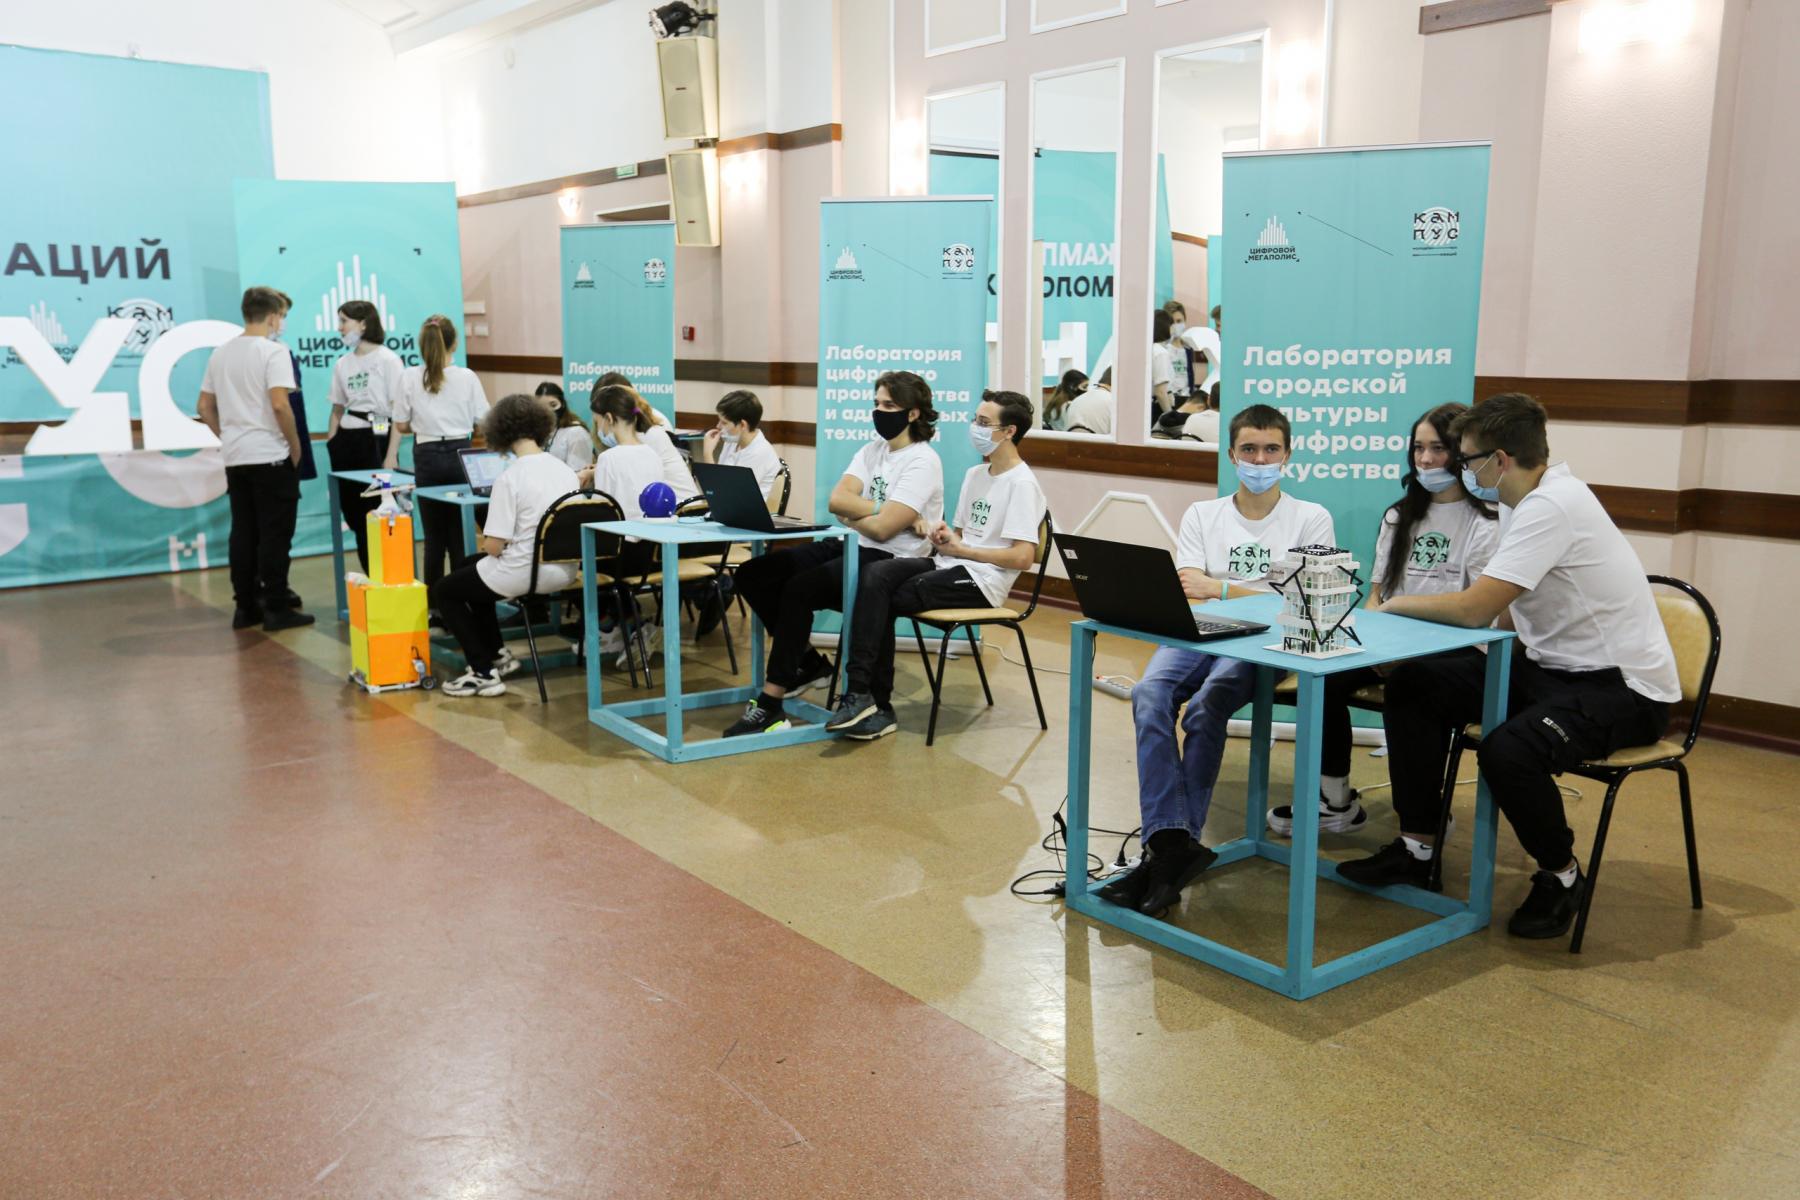 Фото Браслеты-пищалки для незрячих и роботы-дезинфекторы для осторожных: одарённые дети в Новосибирске показали свои разработки 3